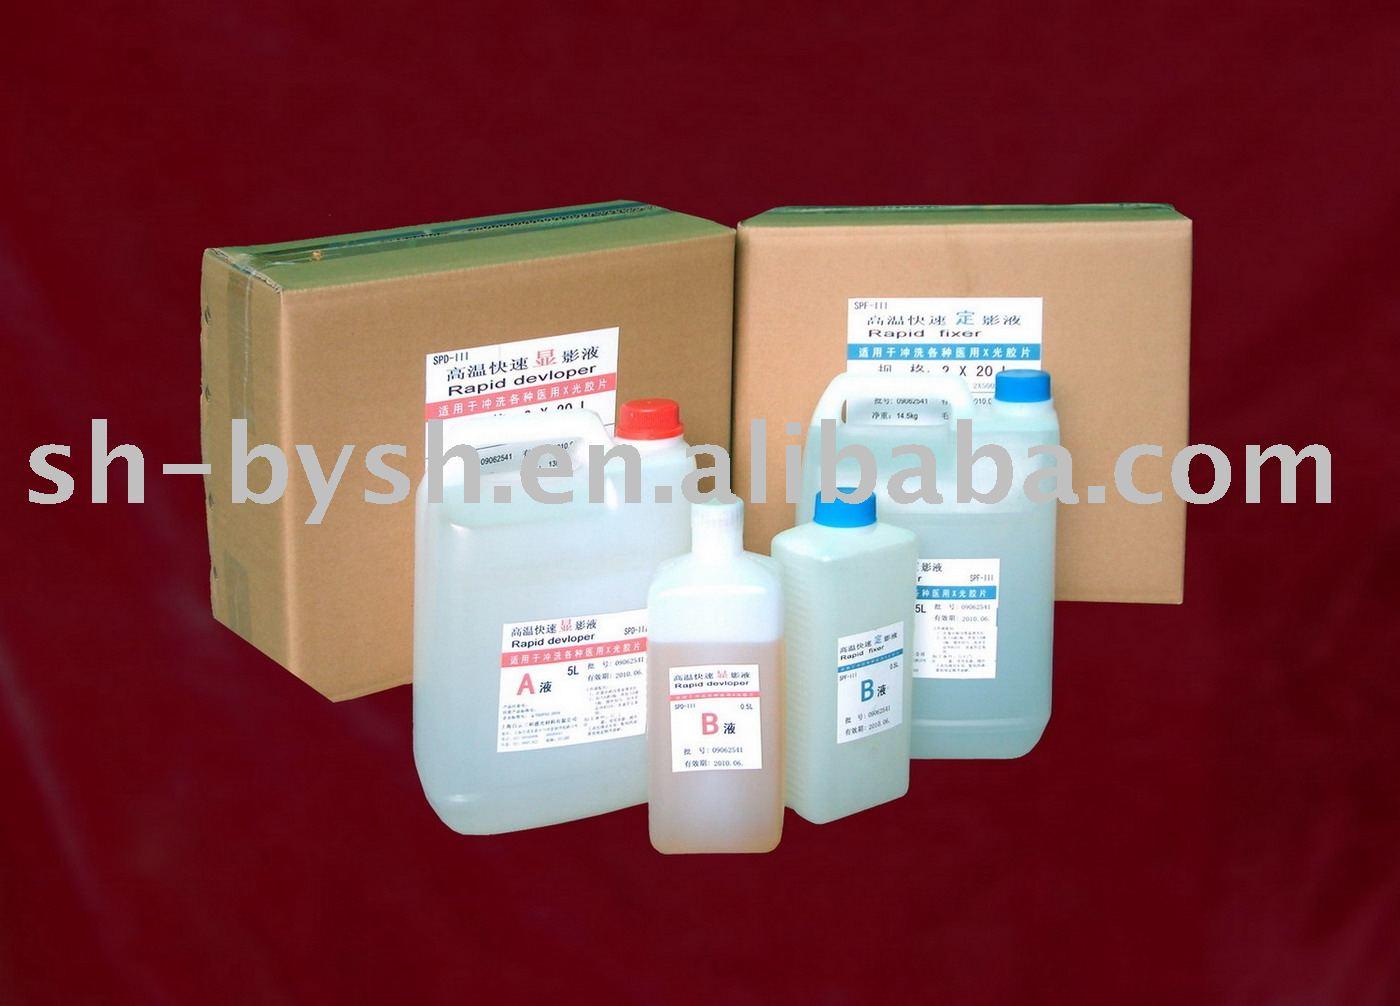 Développeur liquide et fixer liquide ( pour x - ray film )